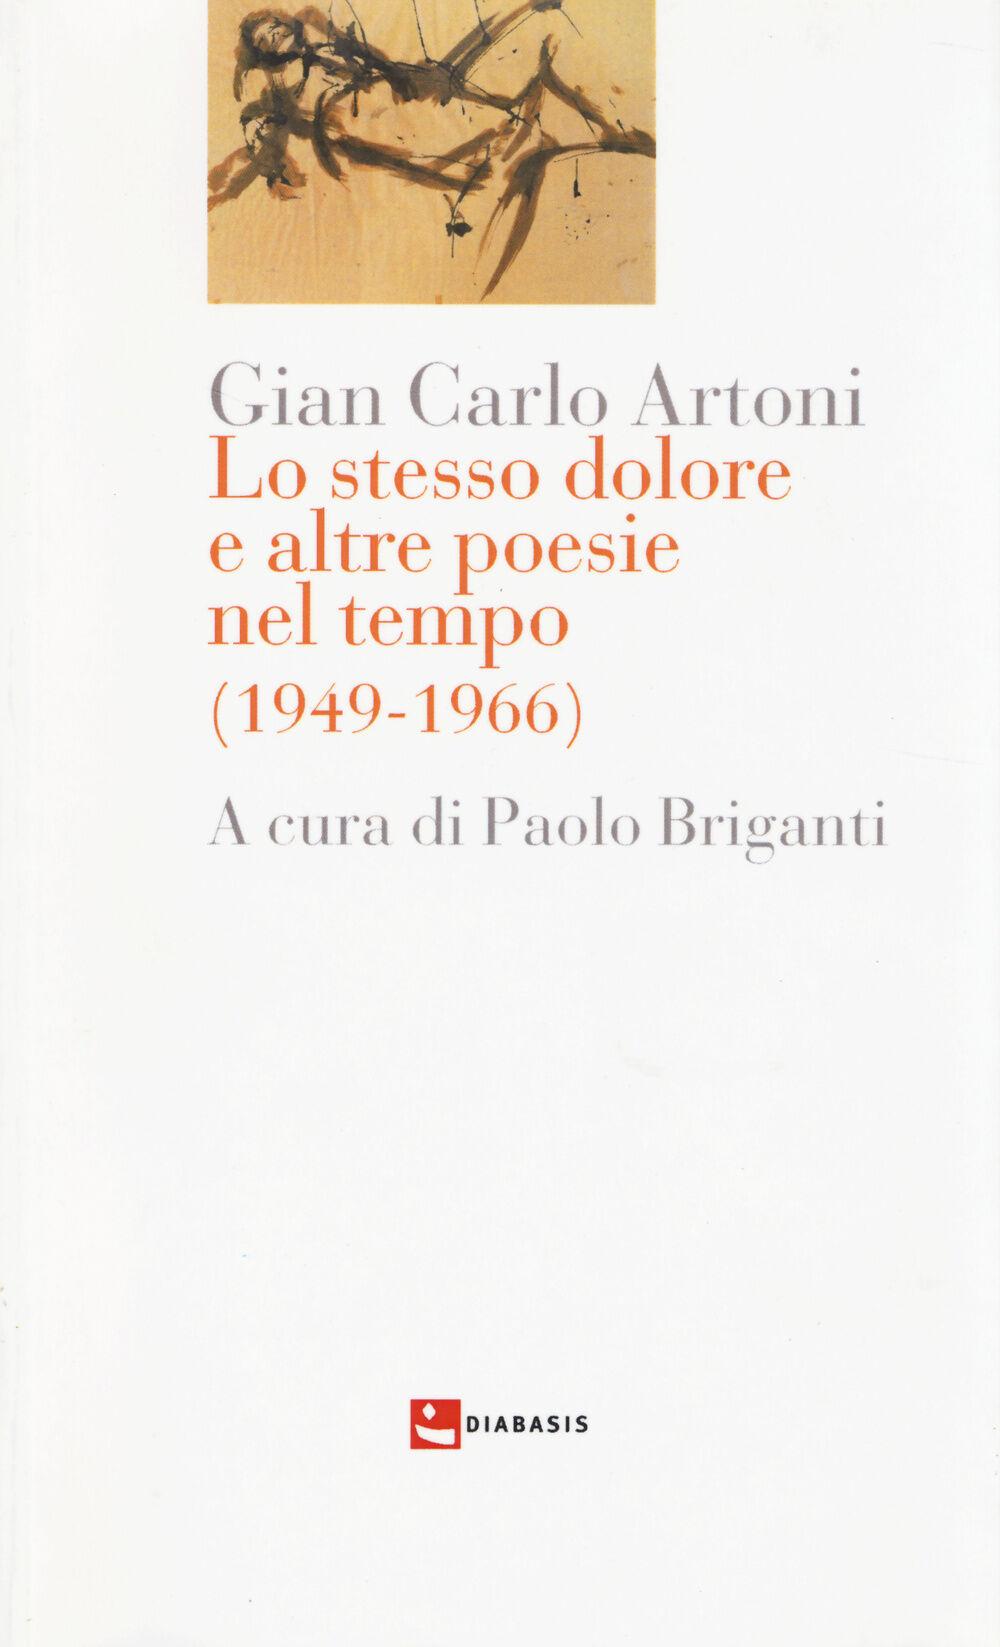 Lo stesso dolore e altre poesie nel tempo (1949-1966)